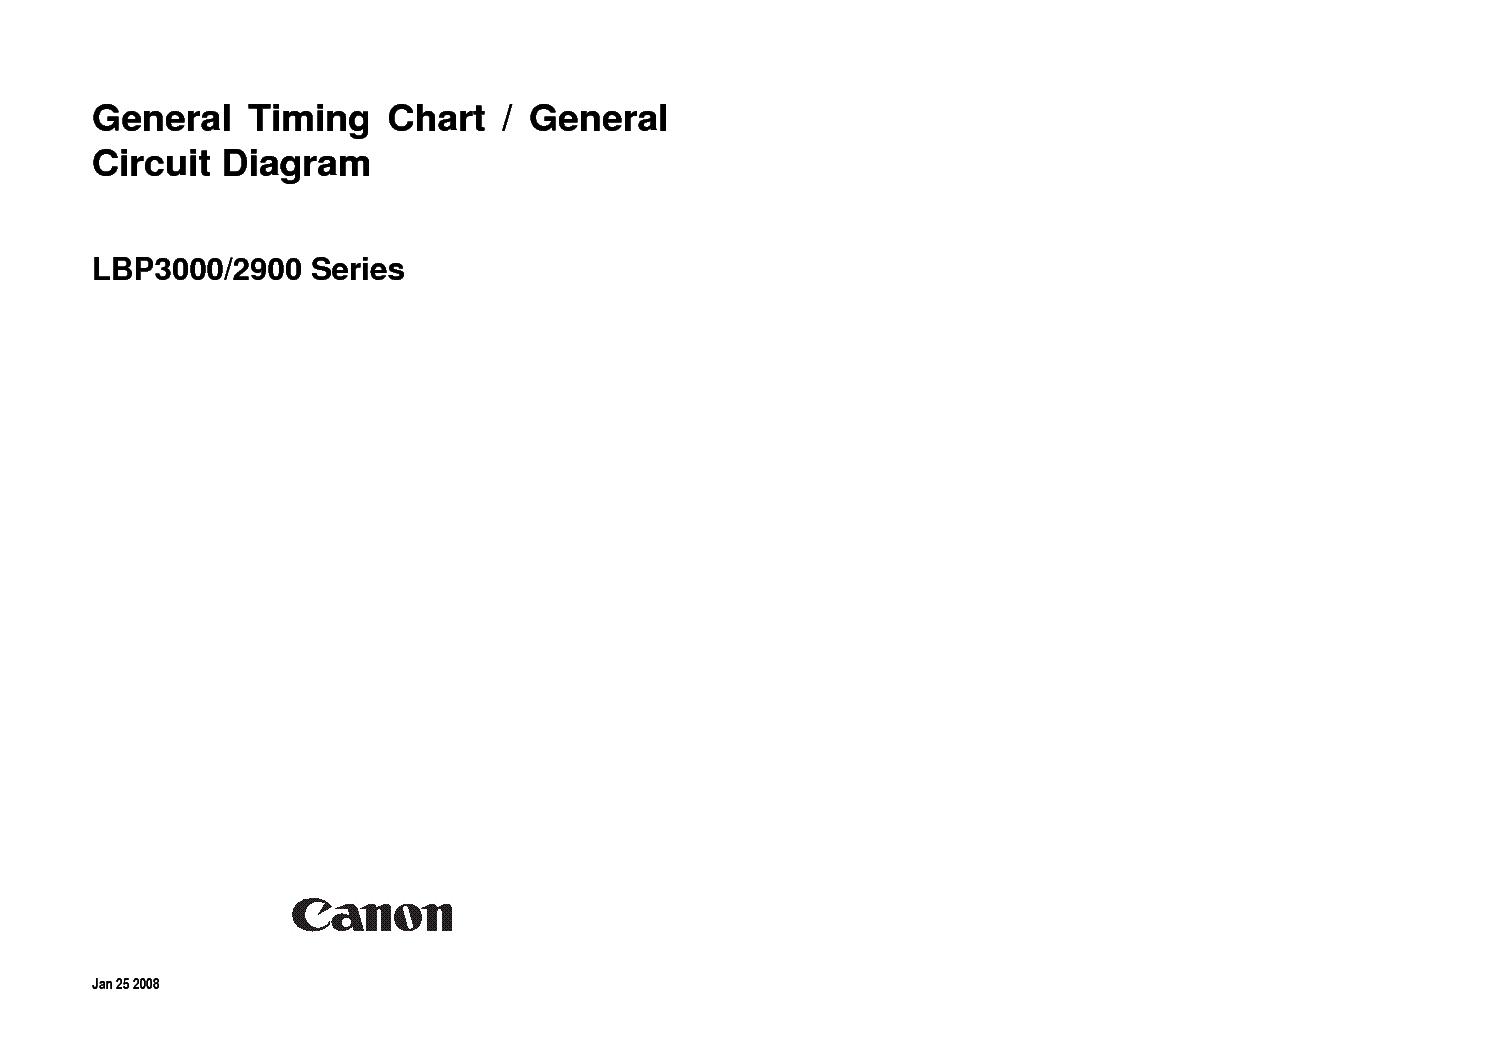 CANON LBP2900 LBP3000 SERIES SCH service manual (1st page)